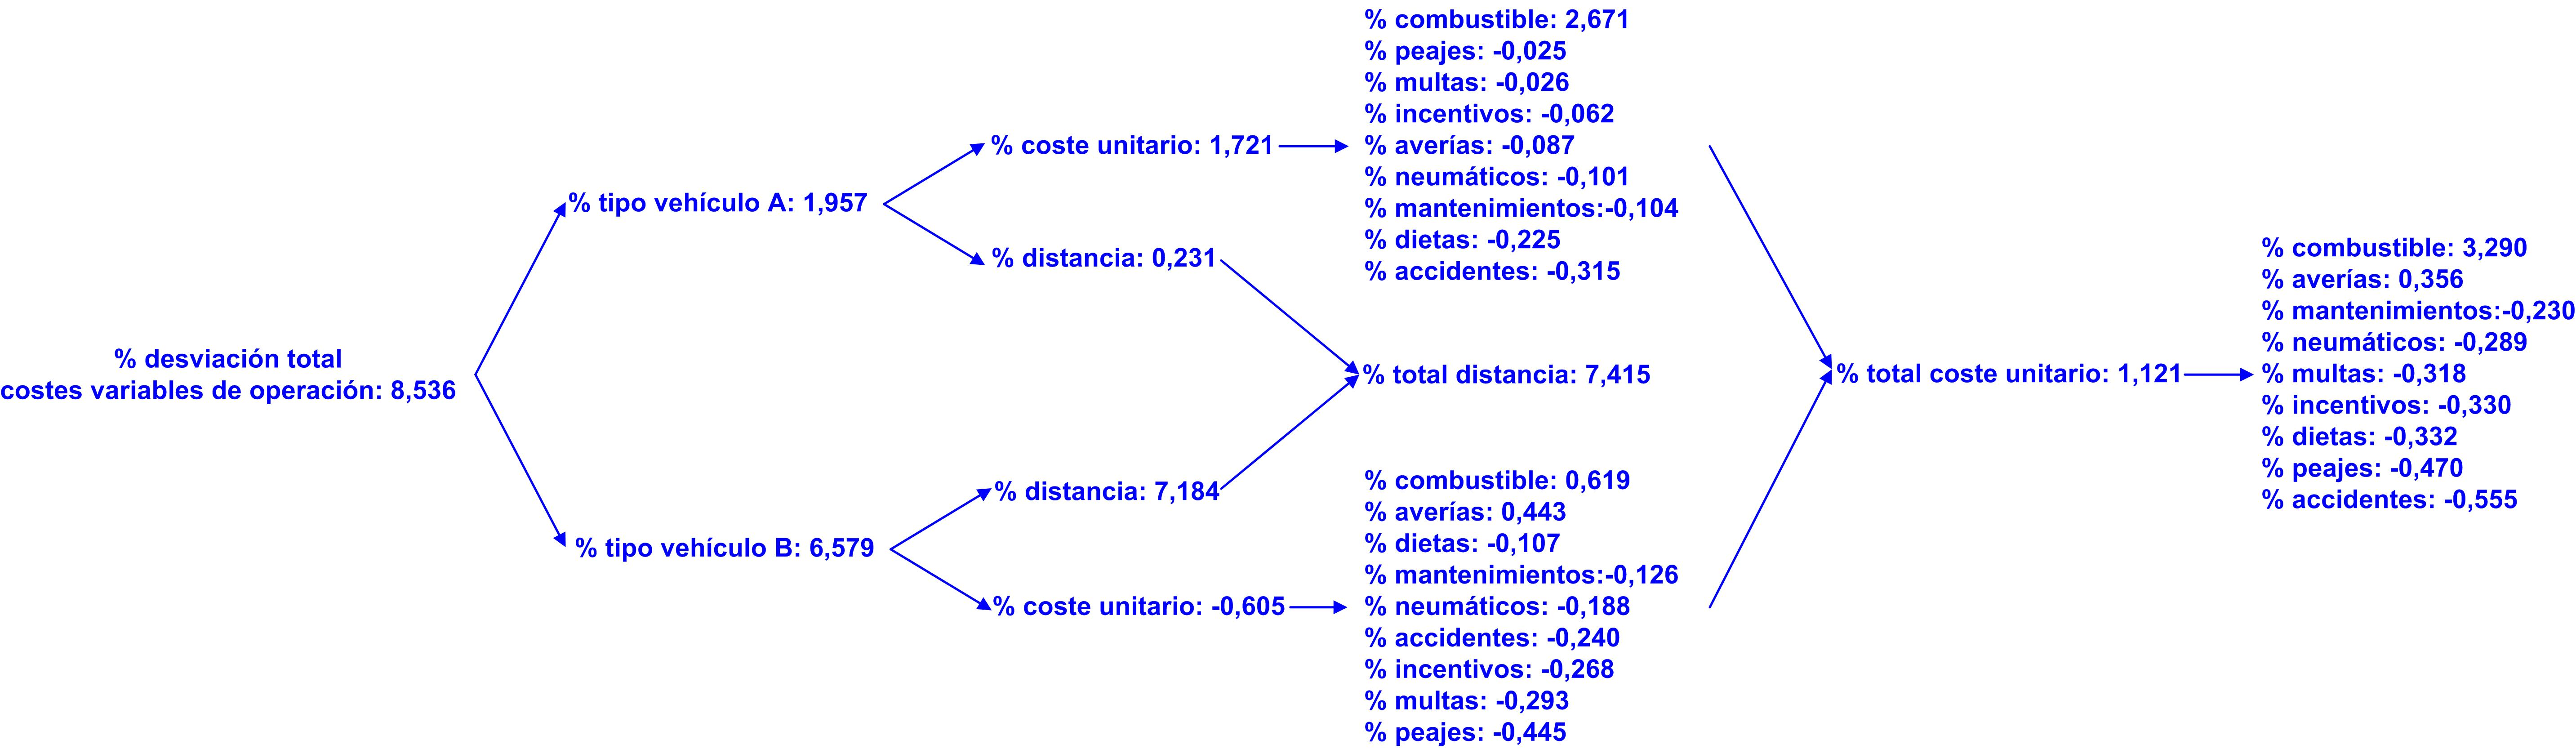 Gráfico 36 desviación total costes variables de operación en el corto plazo. 03122015 desviación periodo 1º